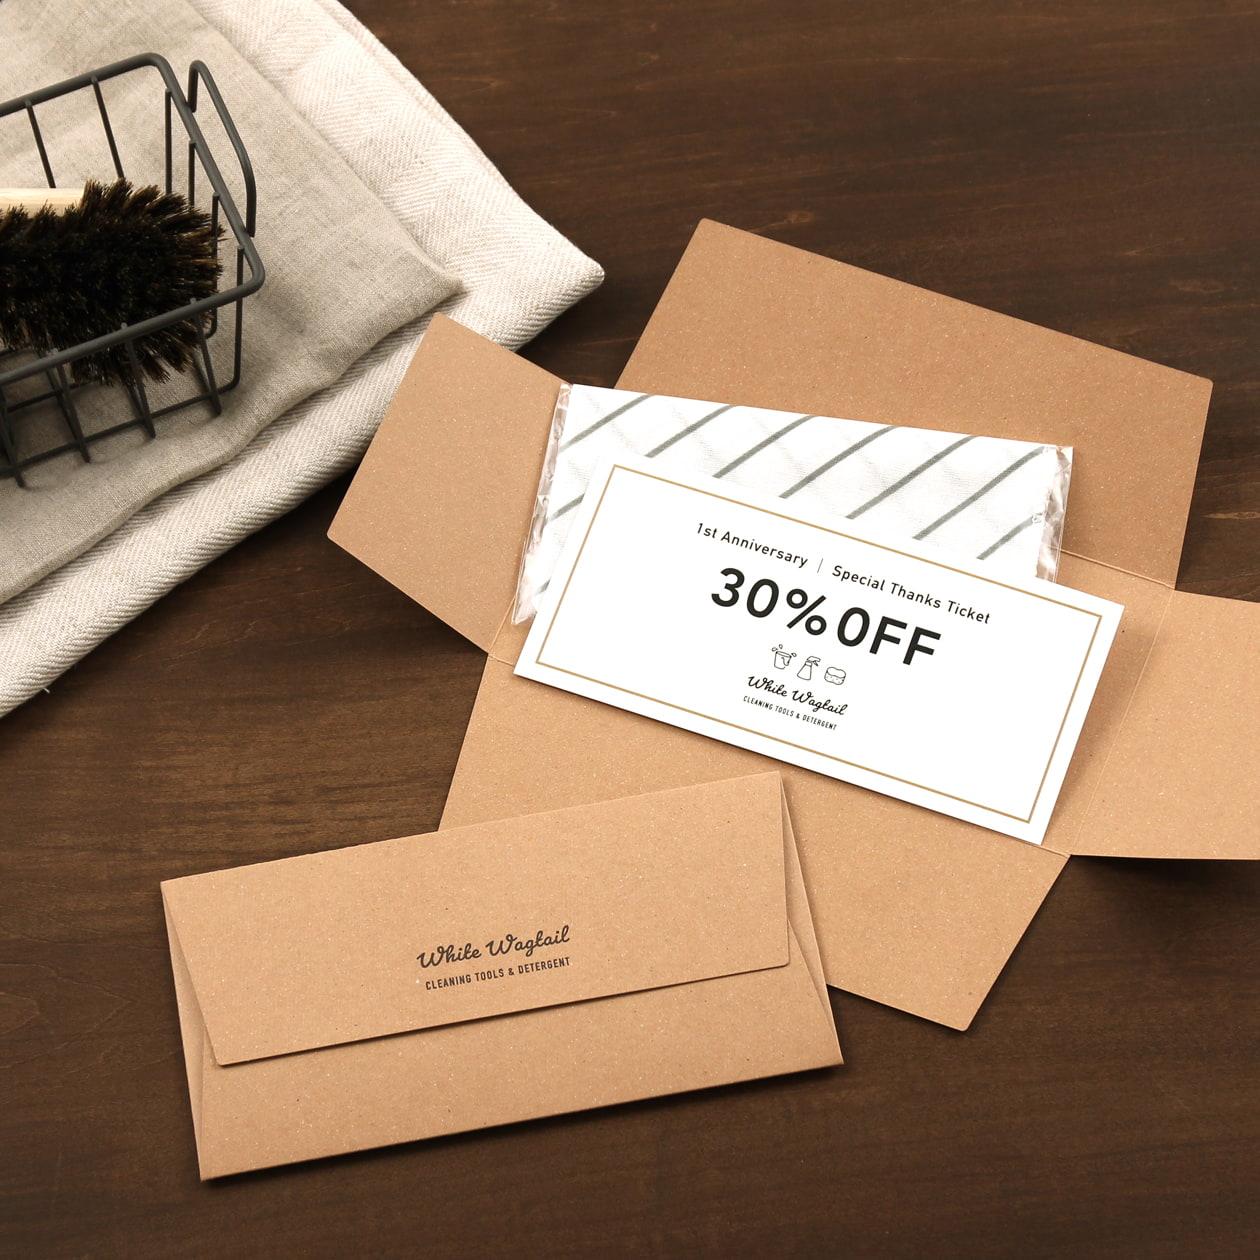 雑貨ブランドのノベルティ&割引券のパッケージ